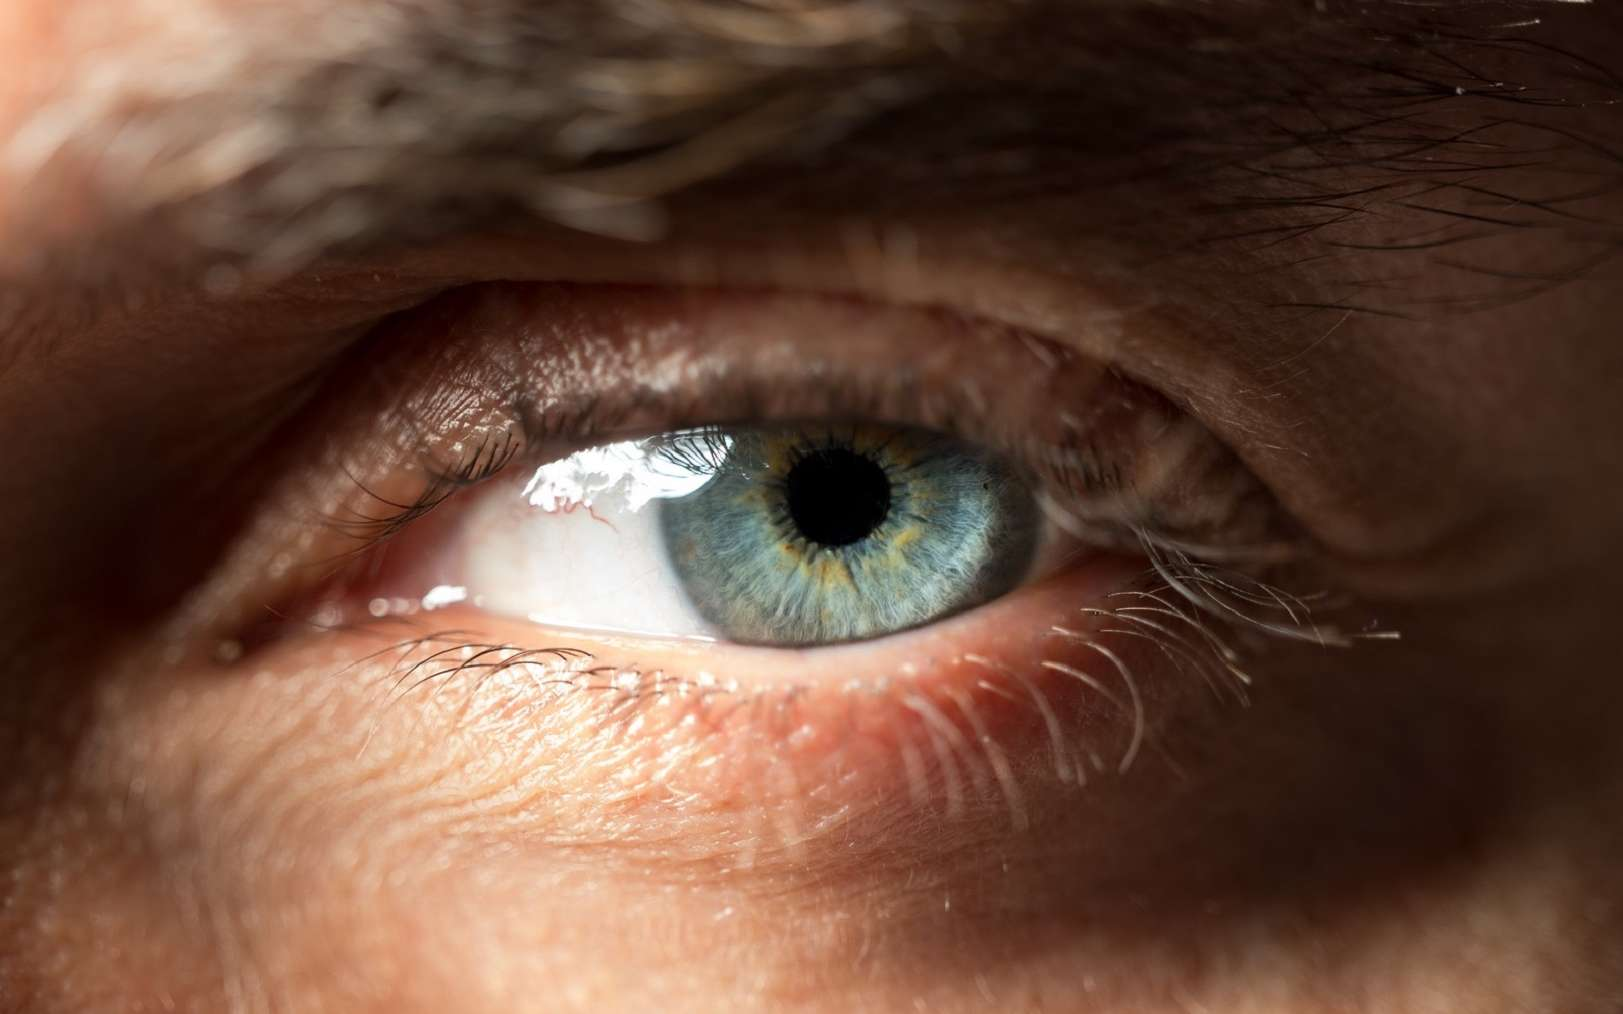 Deux patients ont recouvré la vue grâce à des cellules souches. Ils souffraient de DMLA humide. © Hakan, Fotolia